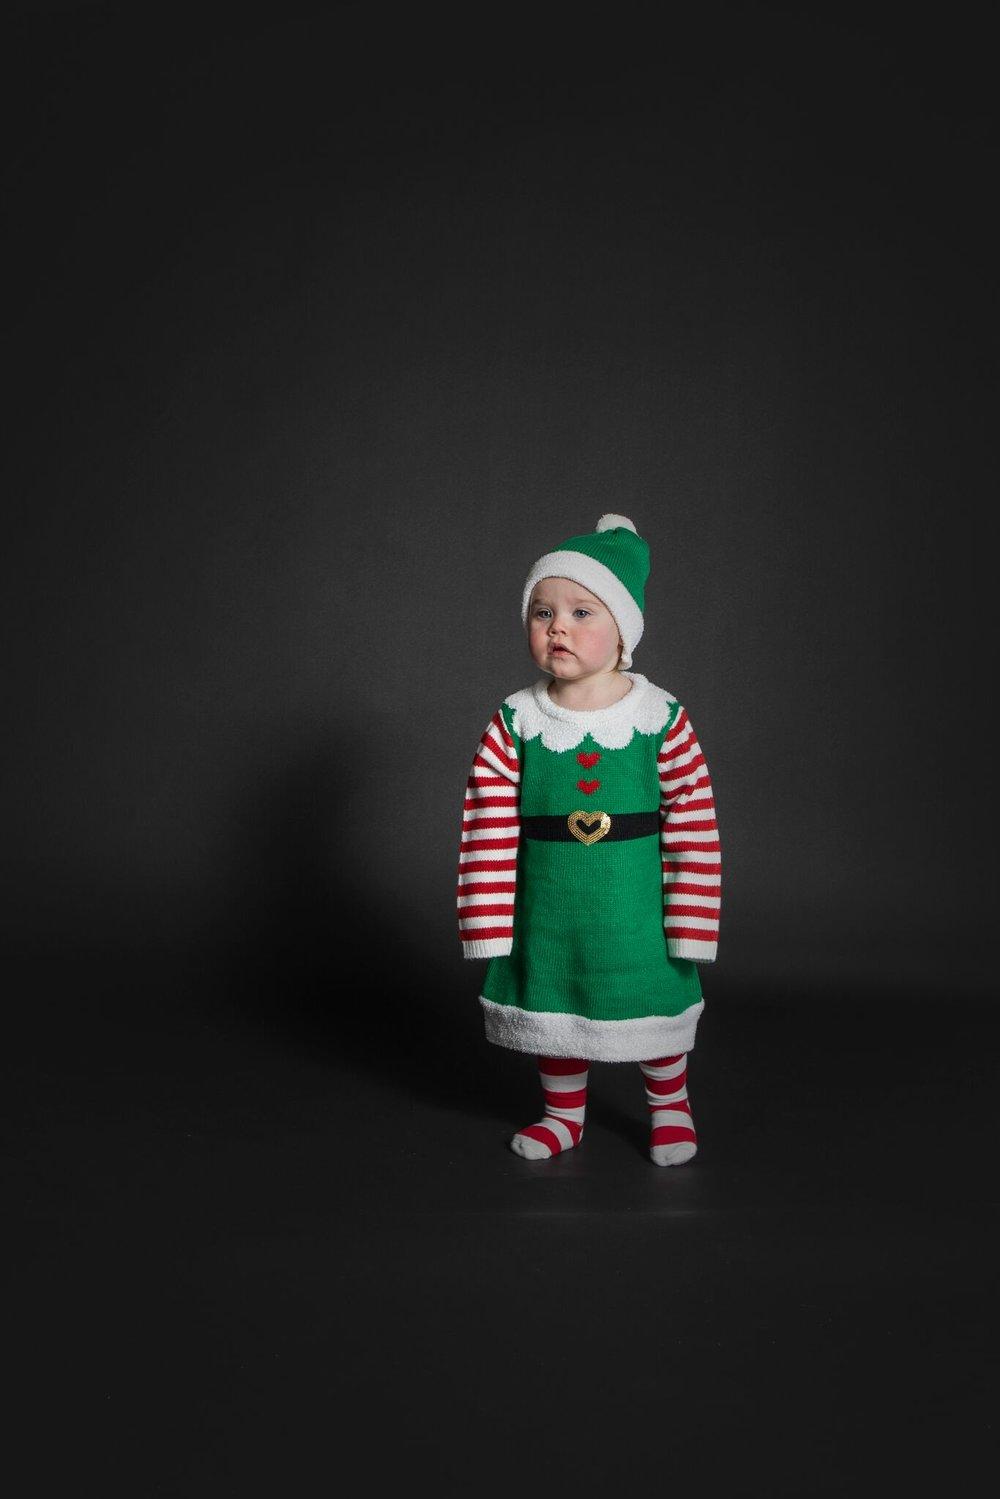 desember = jul. jul = veldig søte kids i veldig søte kostymer!